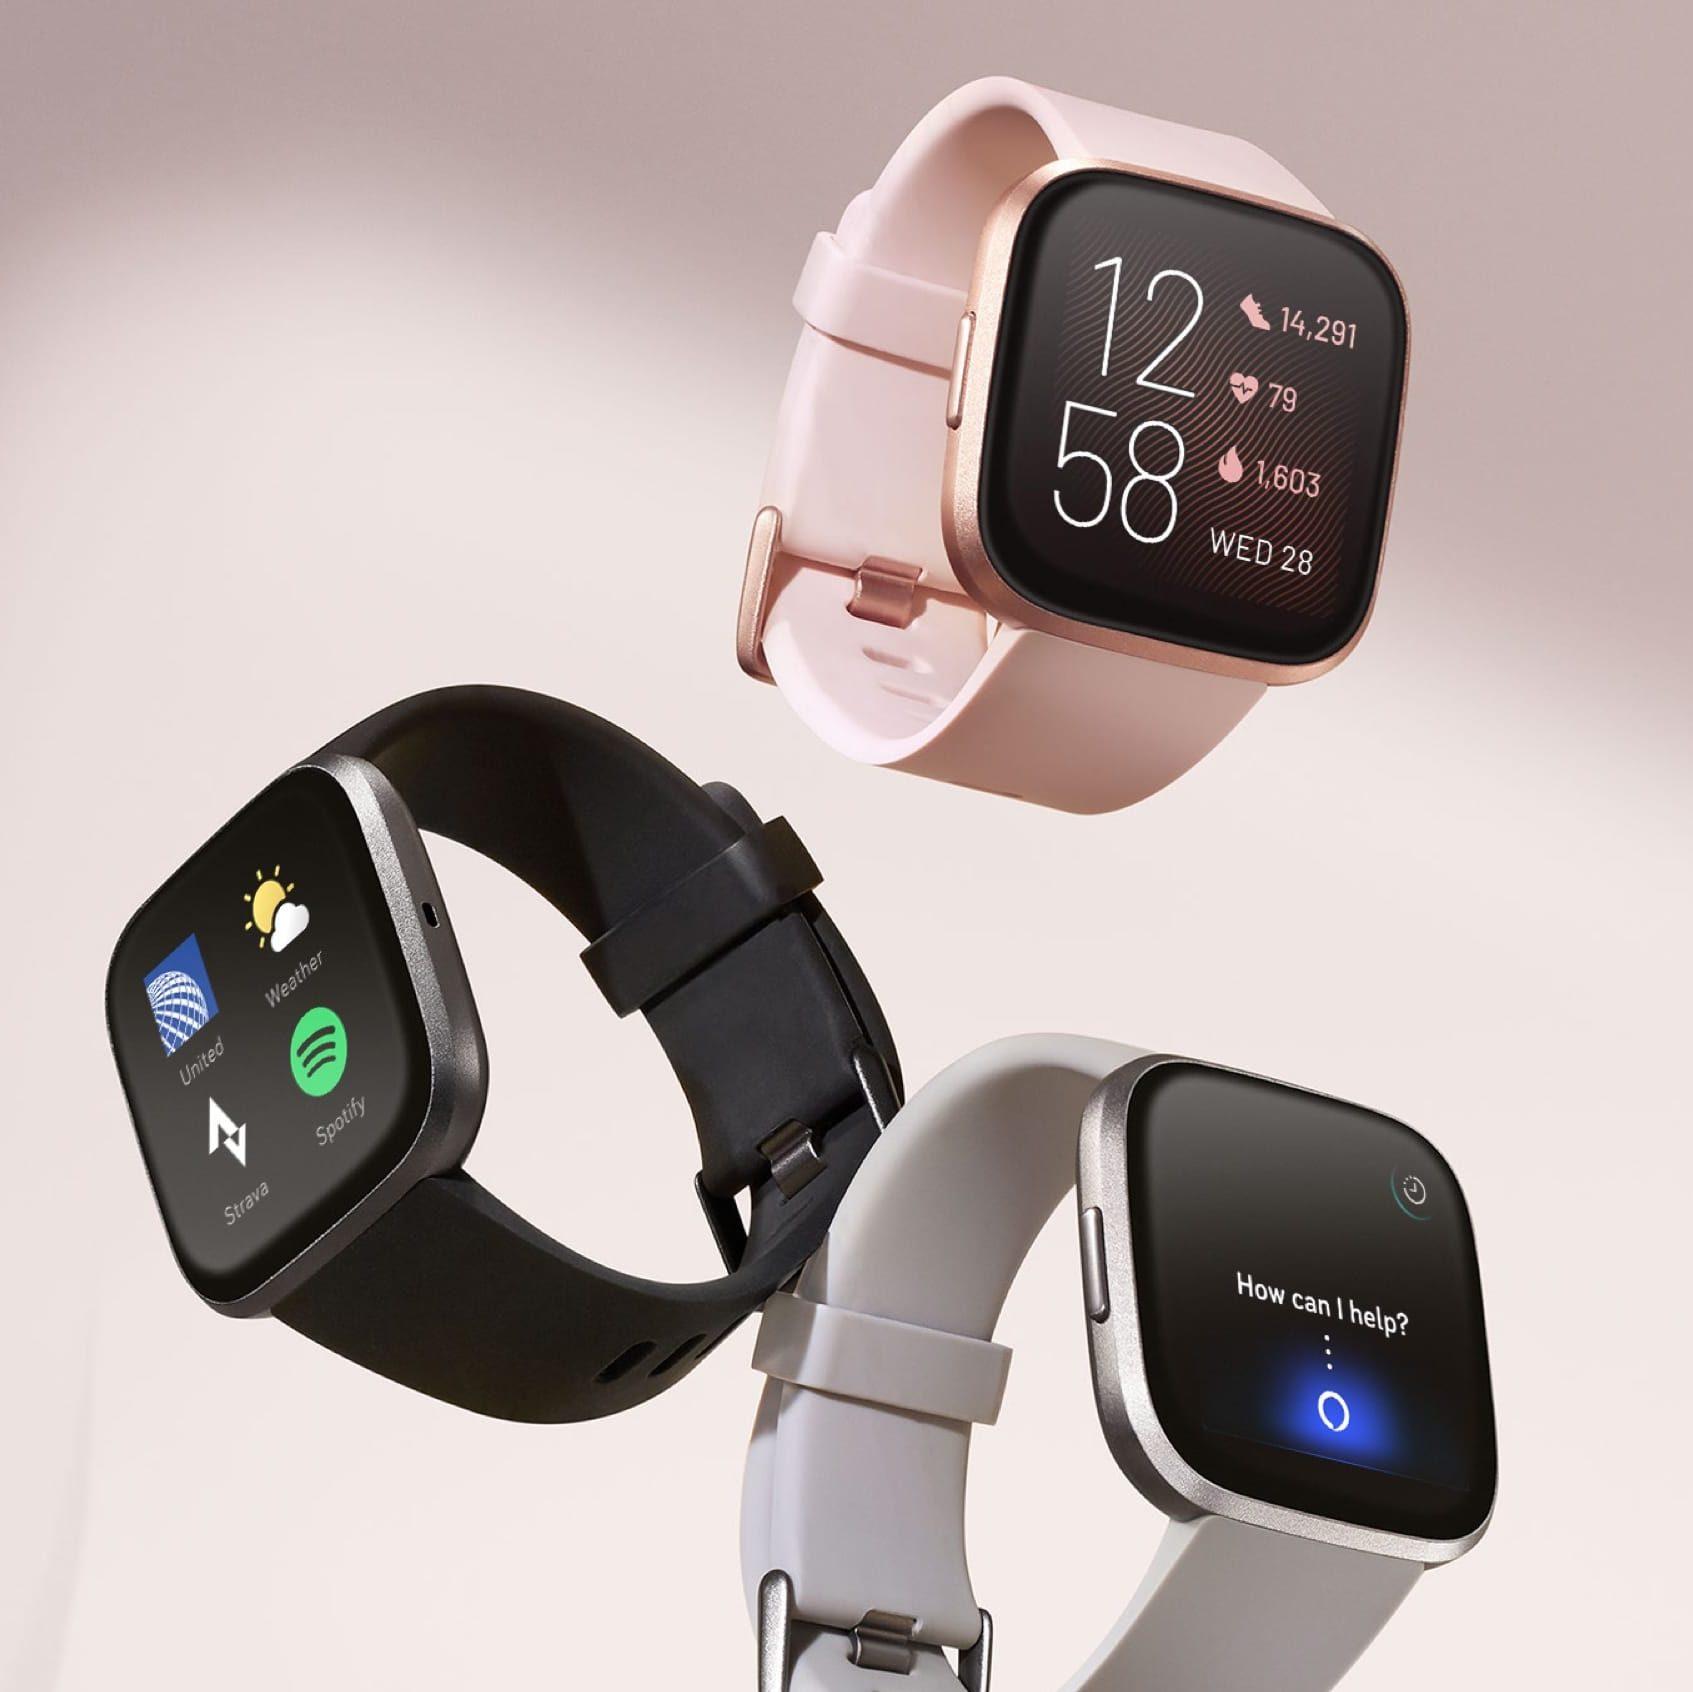 Fitbit-Versa 2 Smartwatch with Alexa Built-in